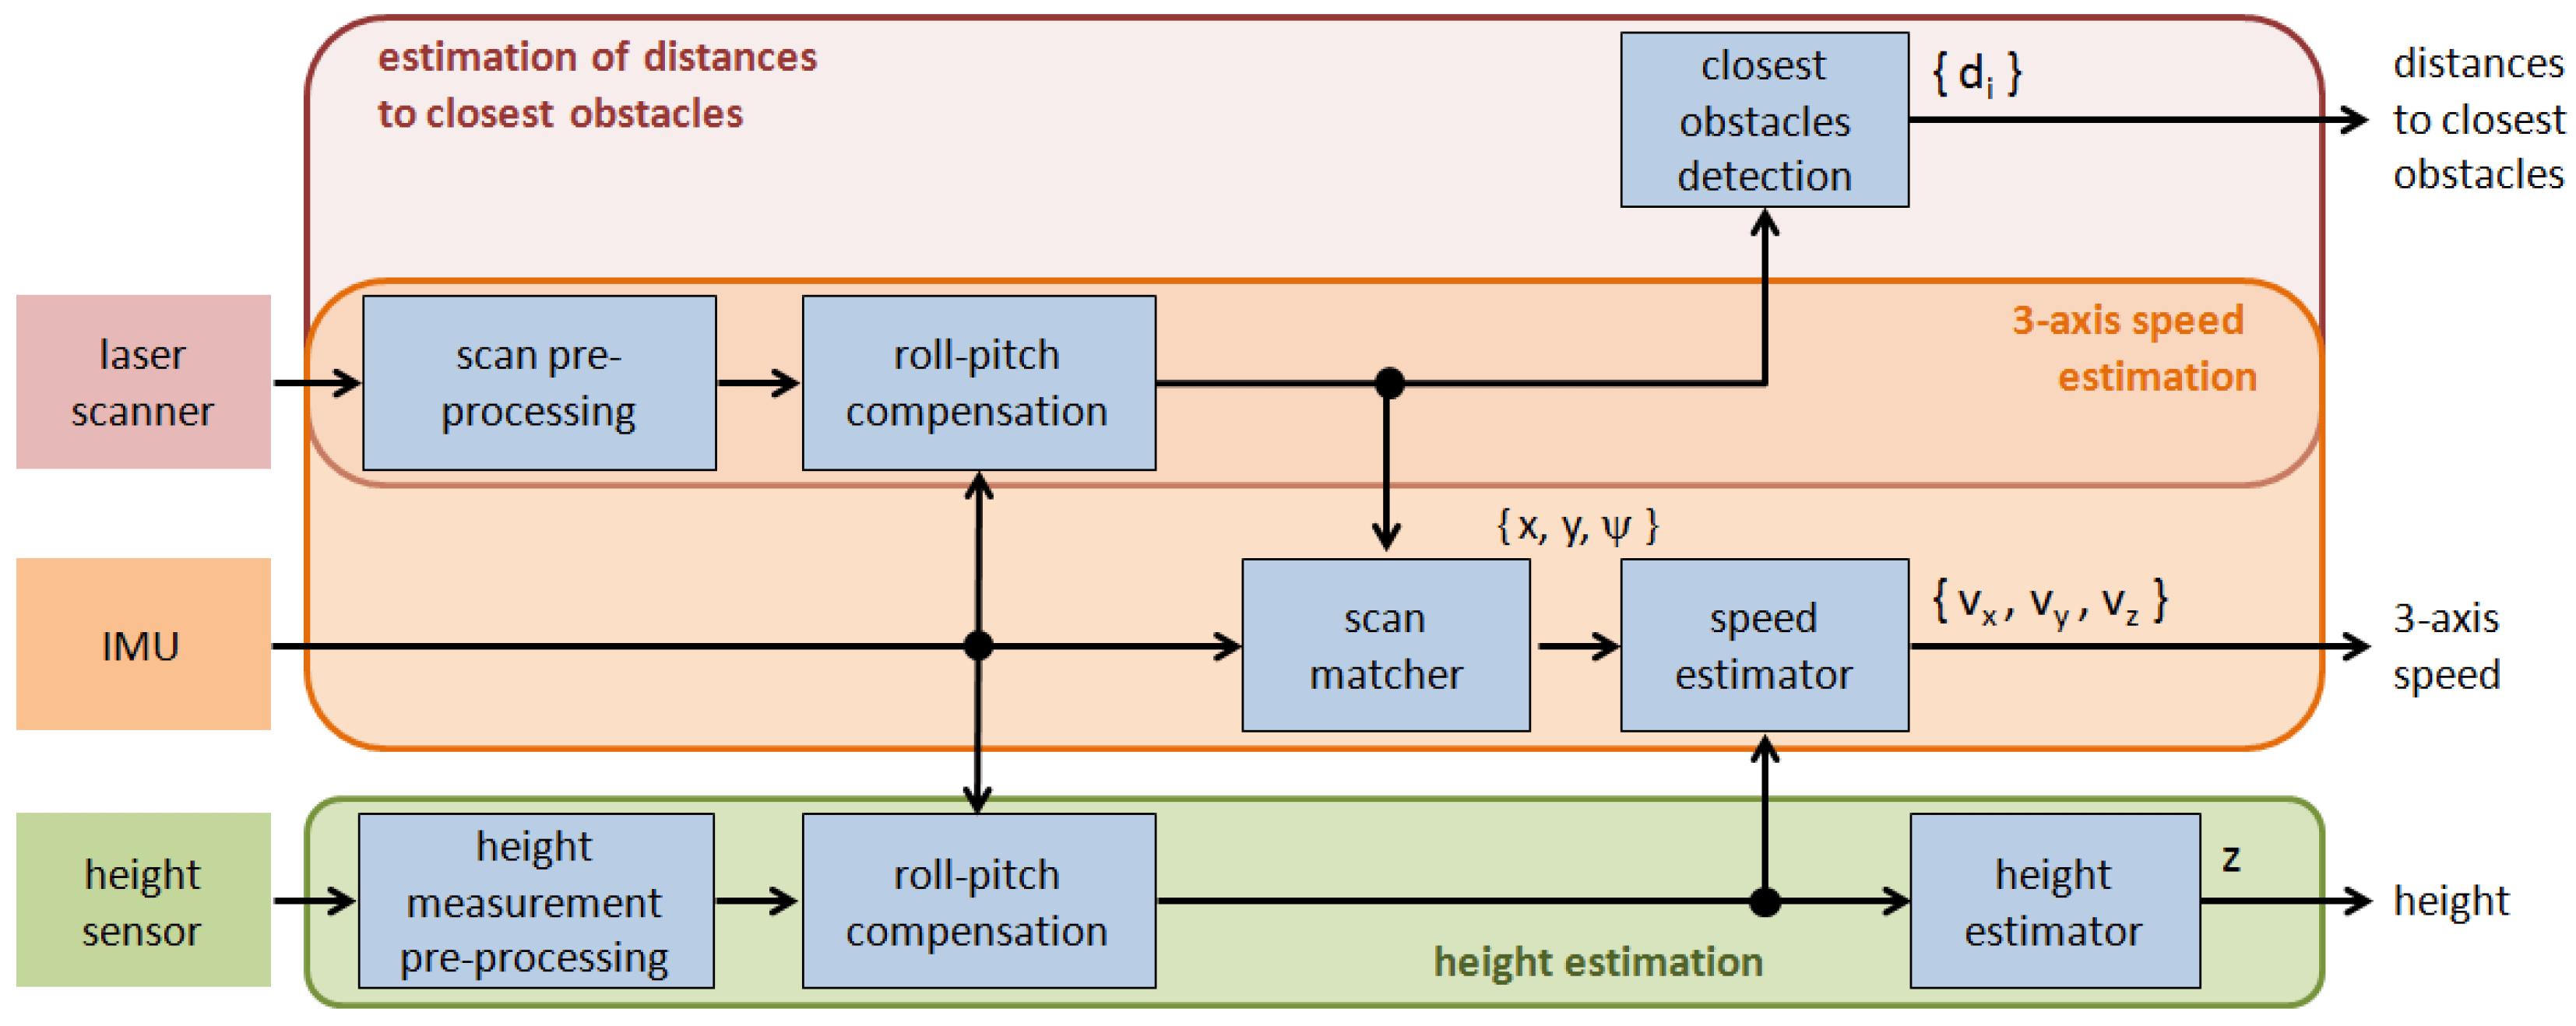 h6456 wiring diagram